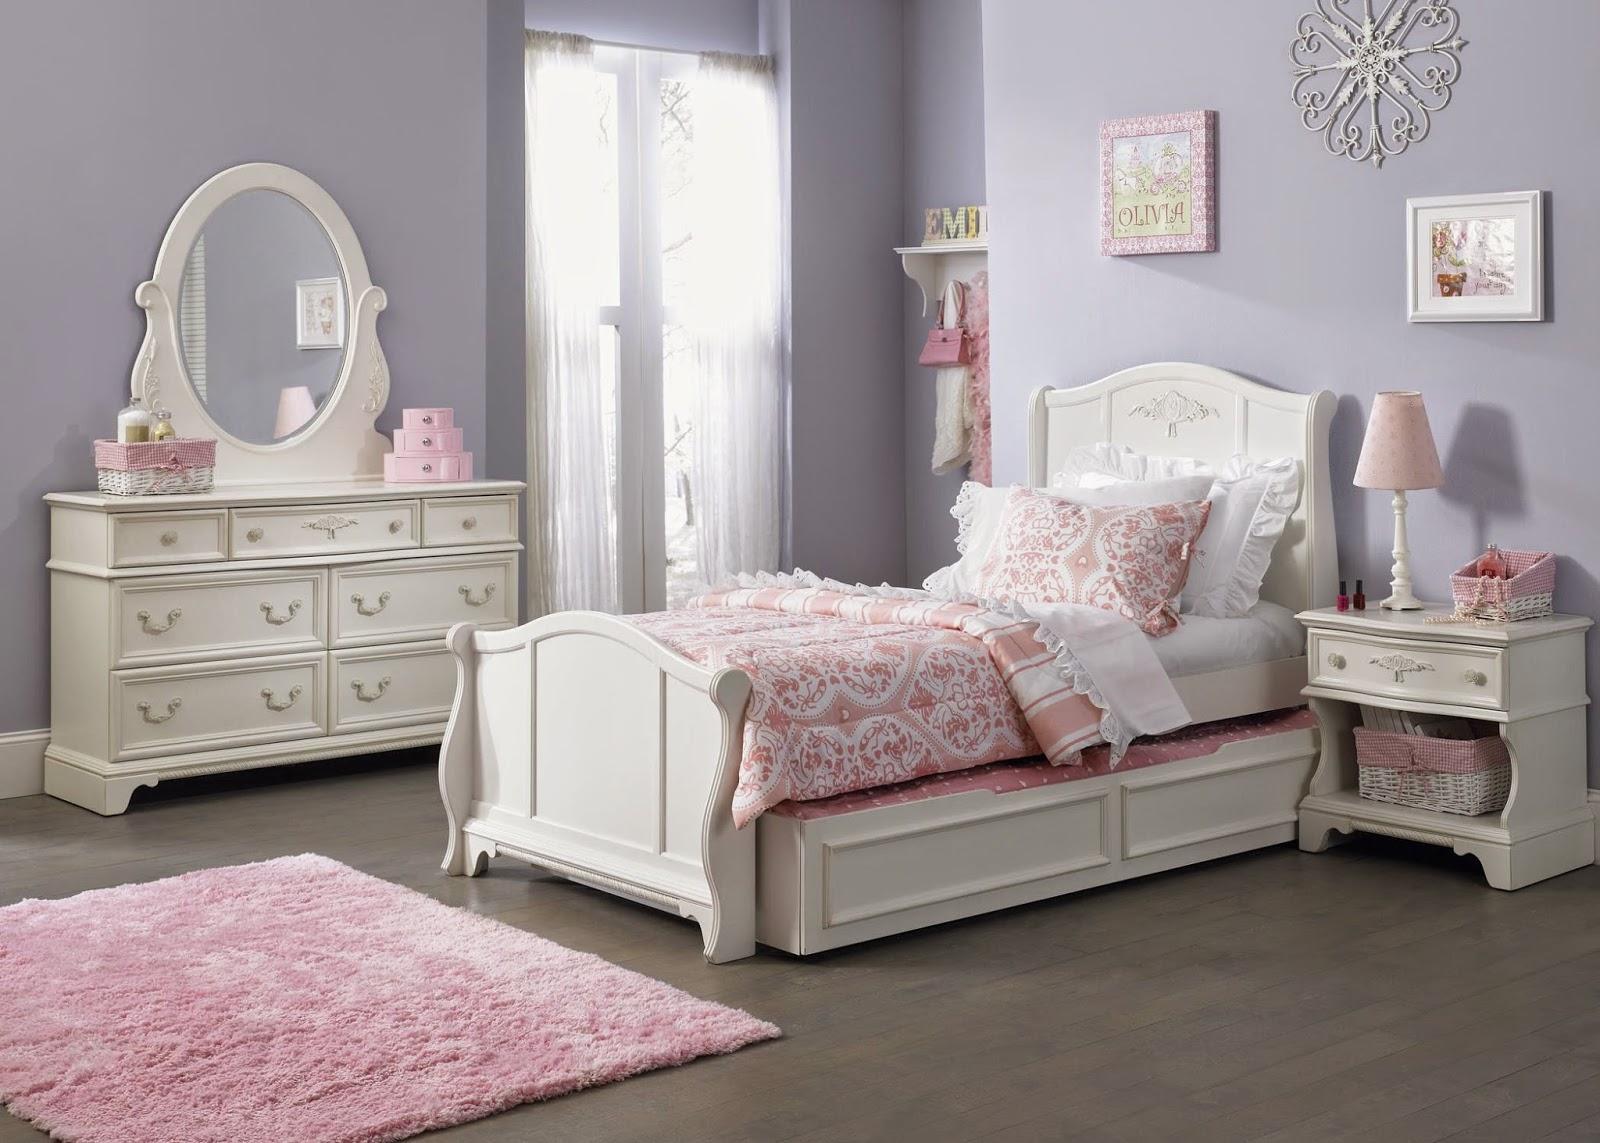 Tips de decoraci n de dormitorios juveniles for Camas para habitaciones juveniles